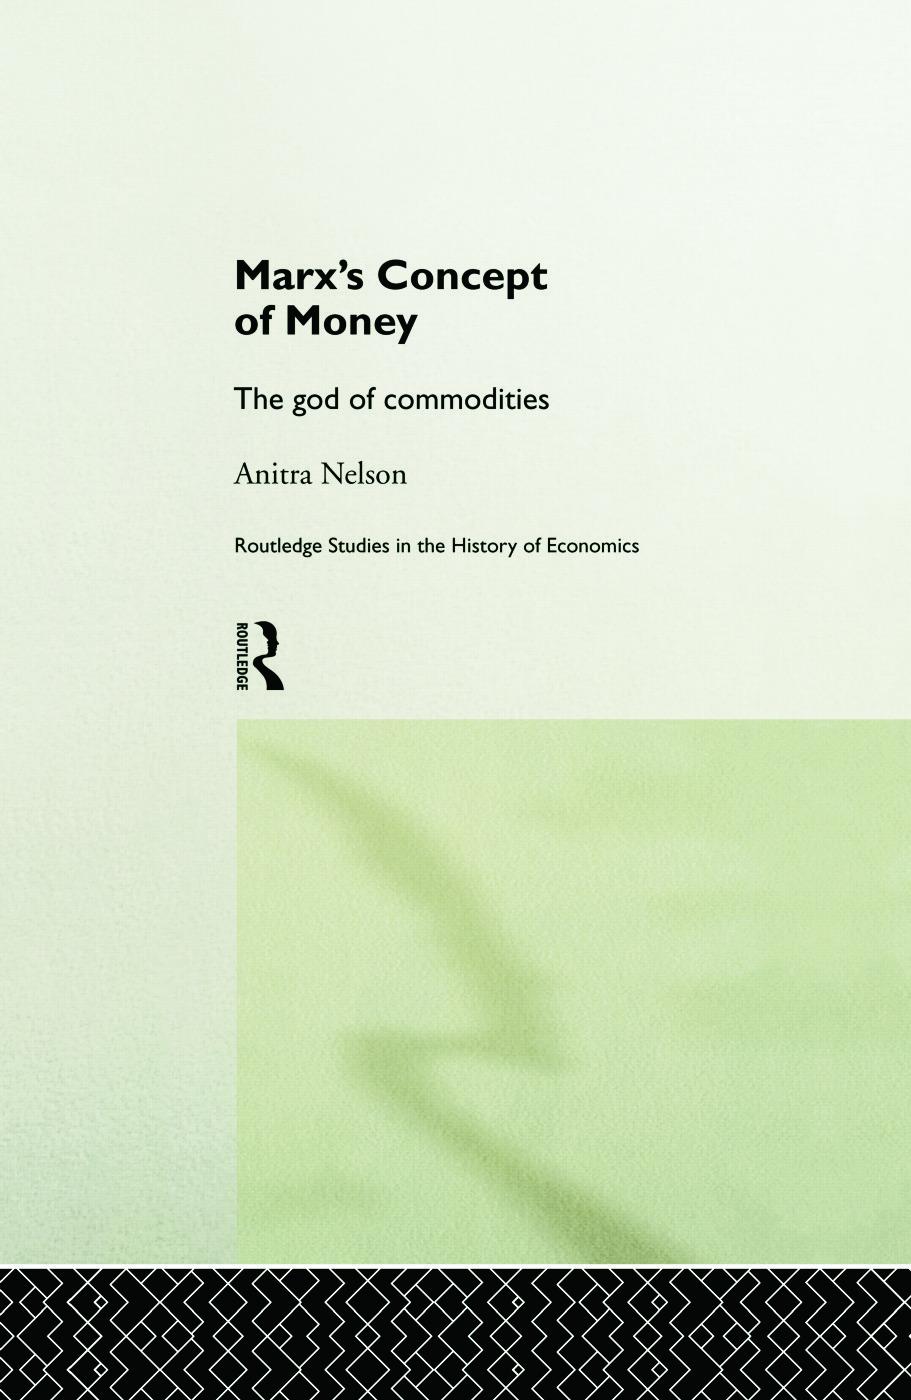 Marx's Concept of Money